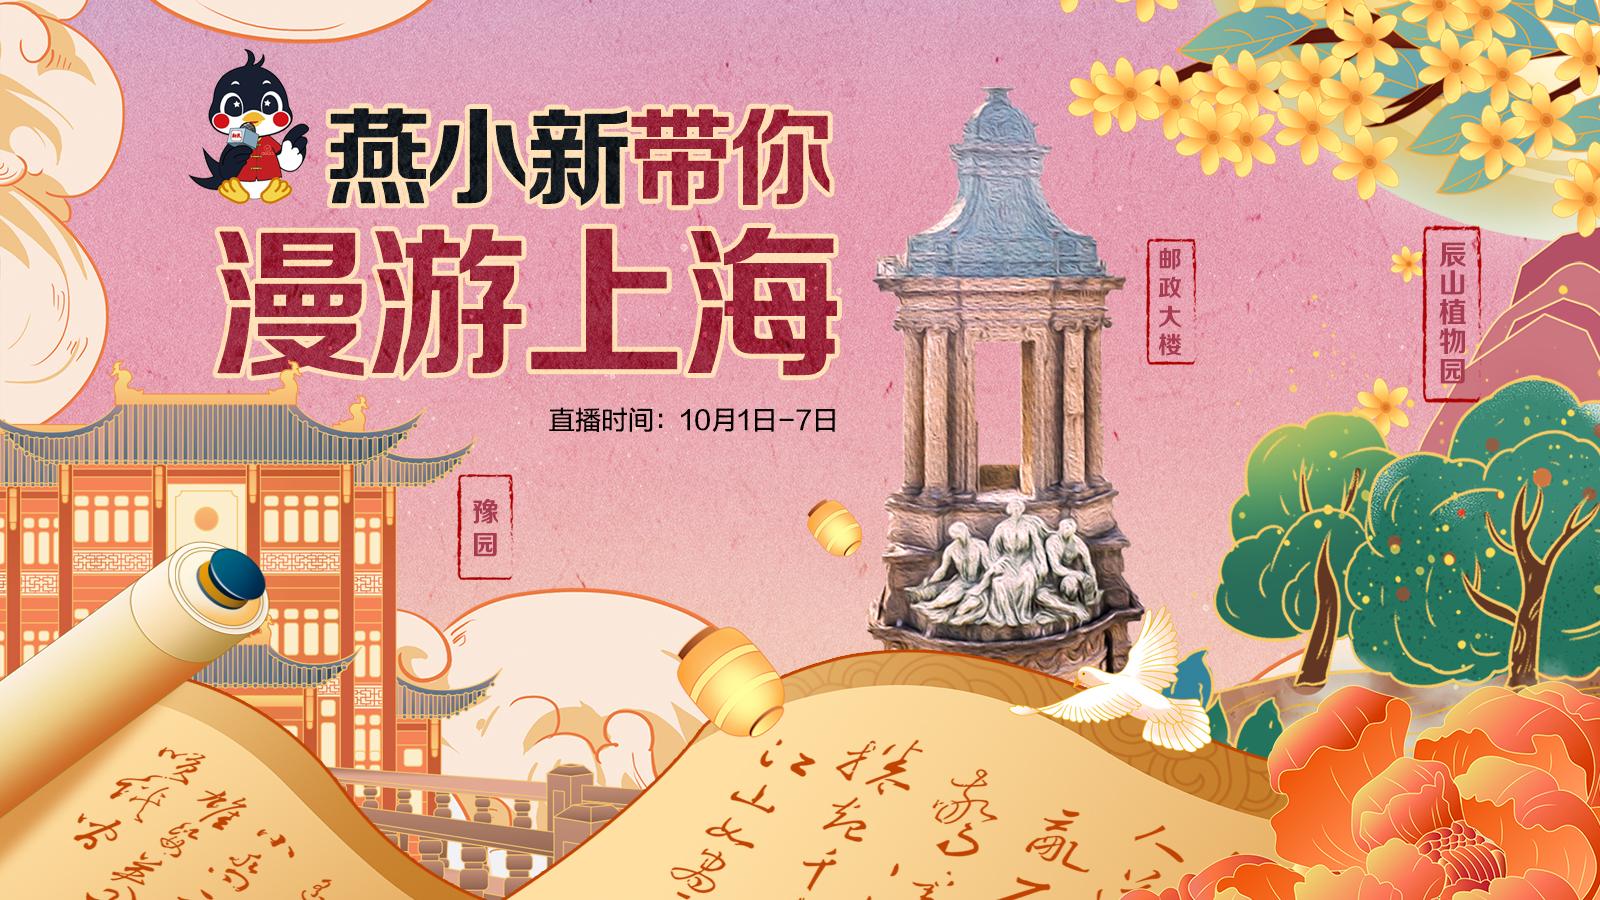 慢直播:燕小新带你漫游上海